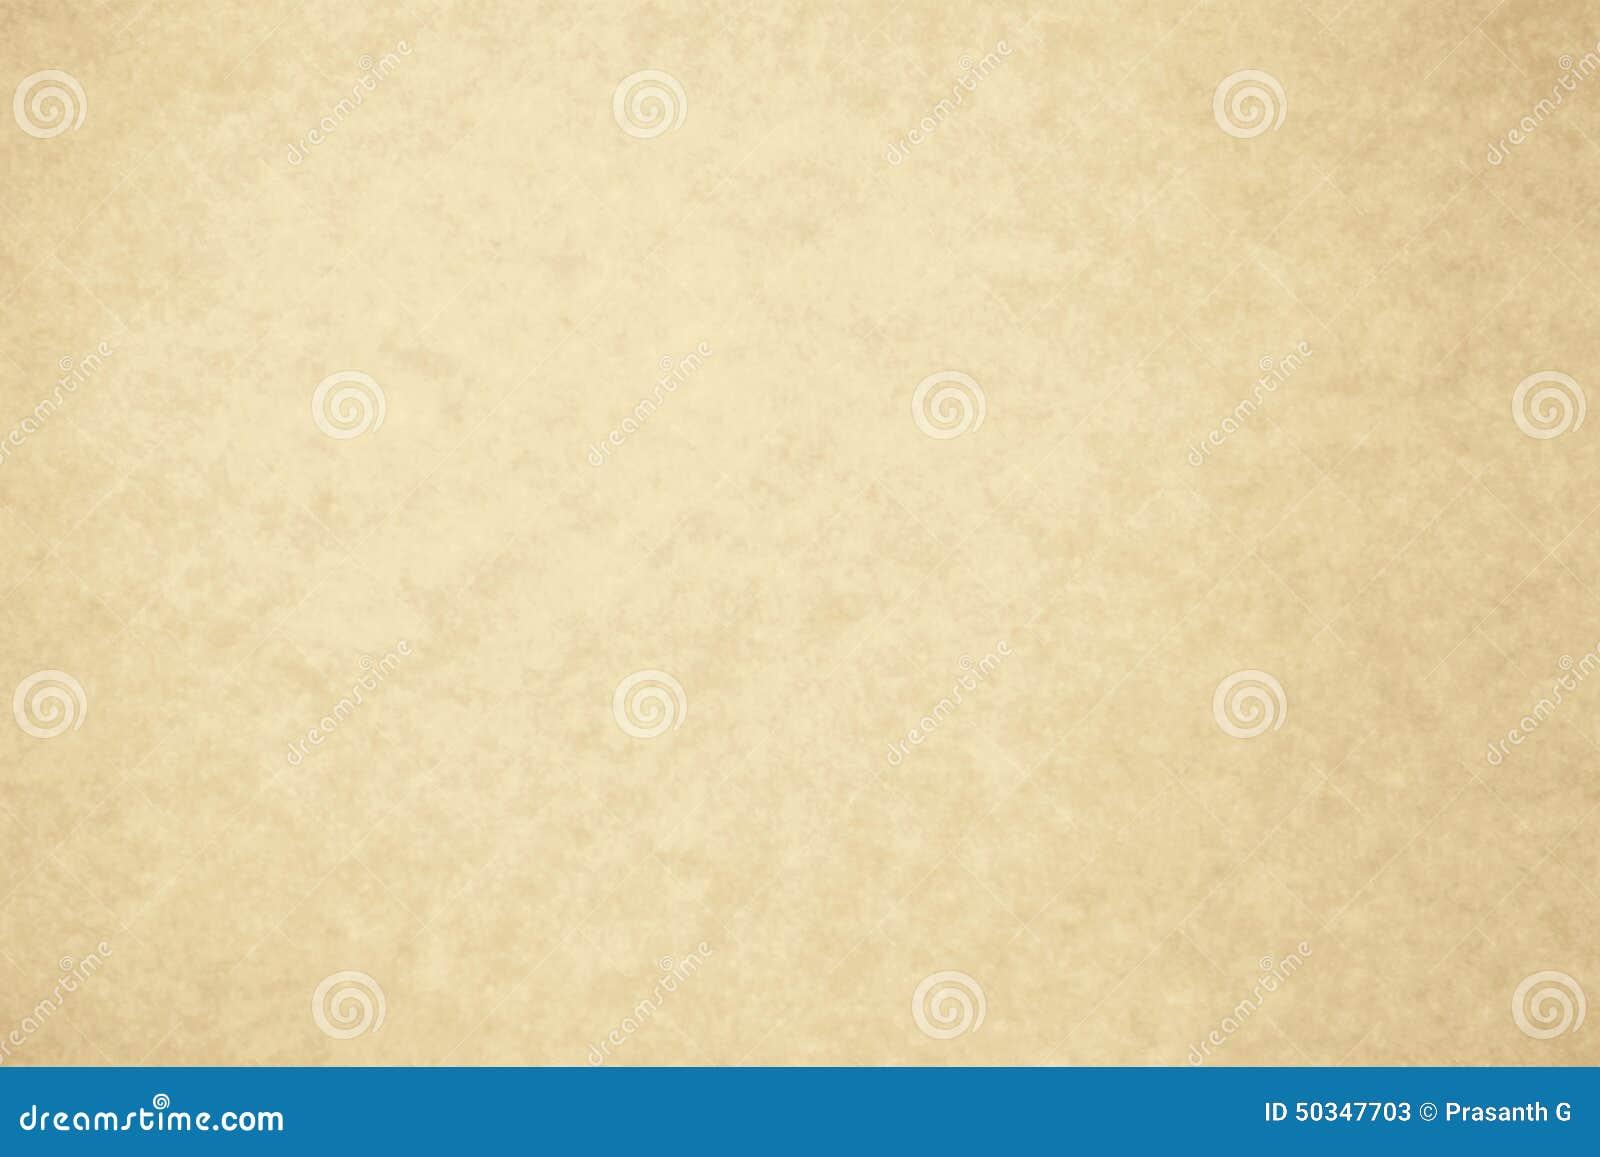 Vieja textura de papel abstracta